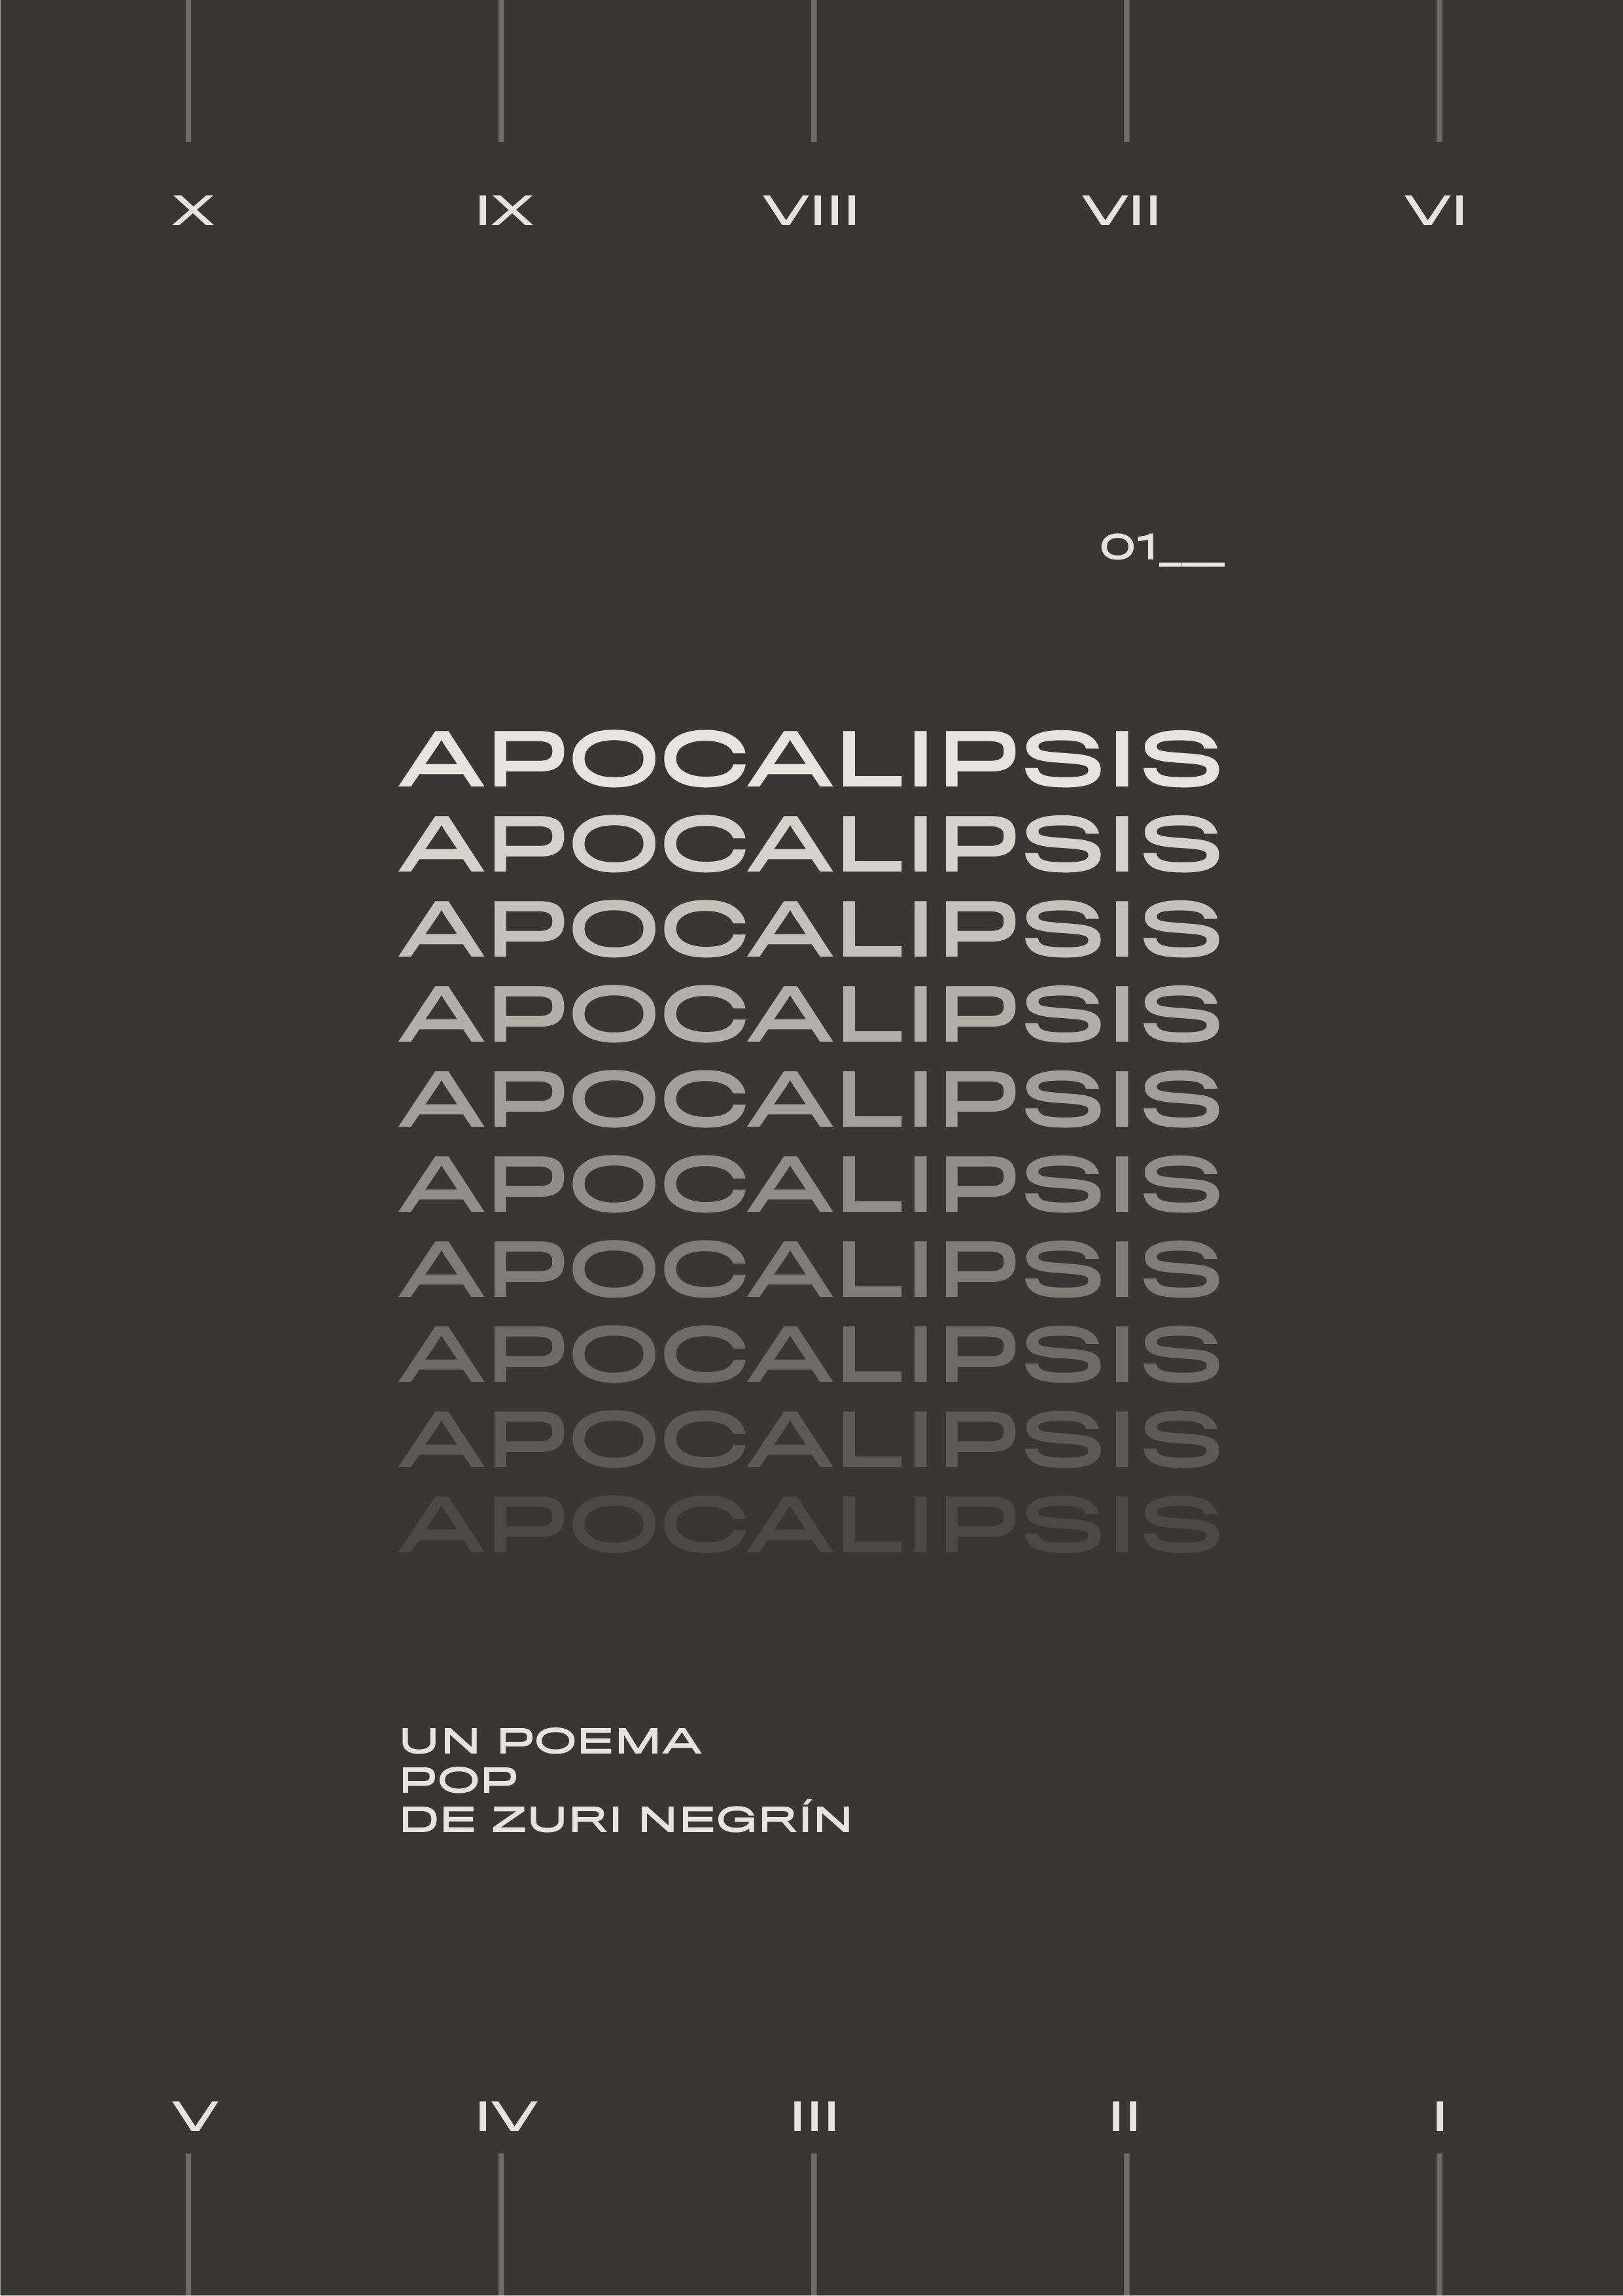 POP_01 Apocalipsis